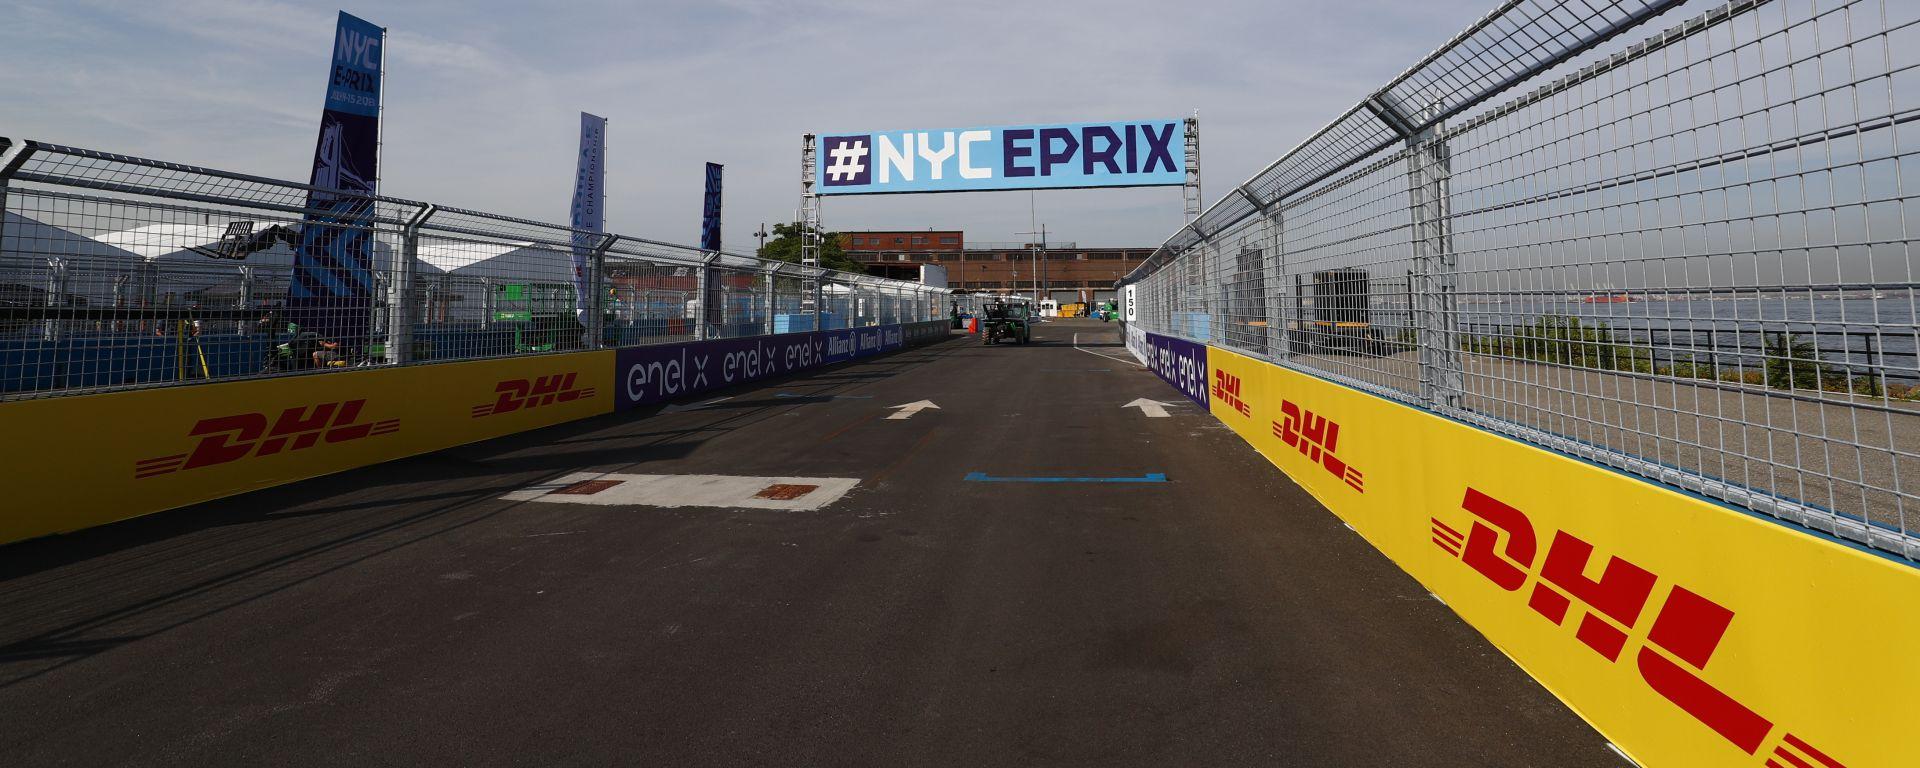 Formula E, il circuito dell'ePrix di New York 2019